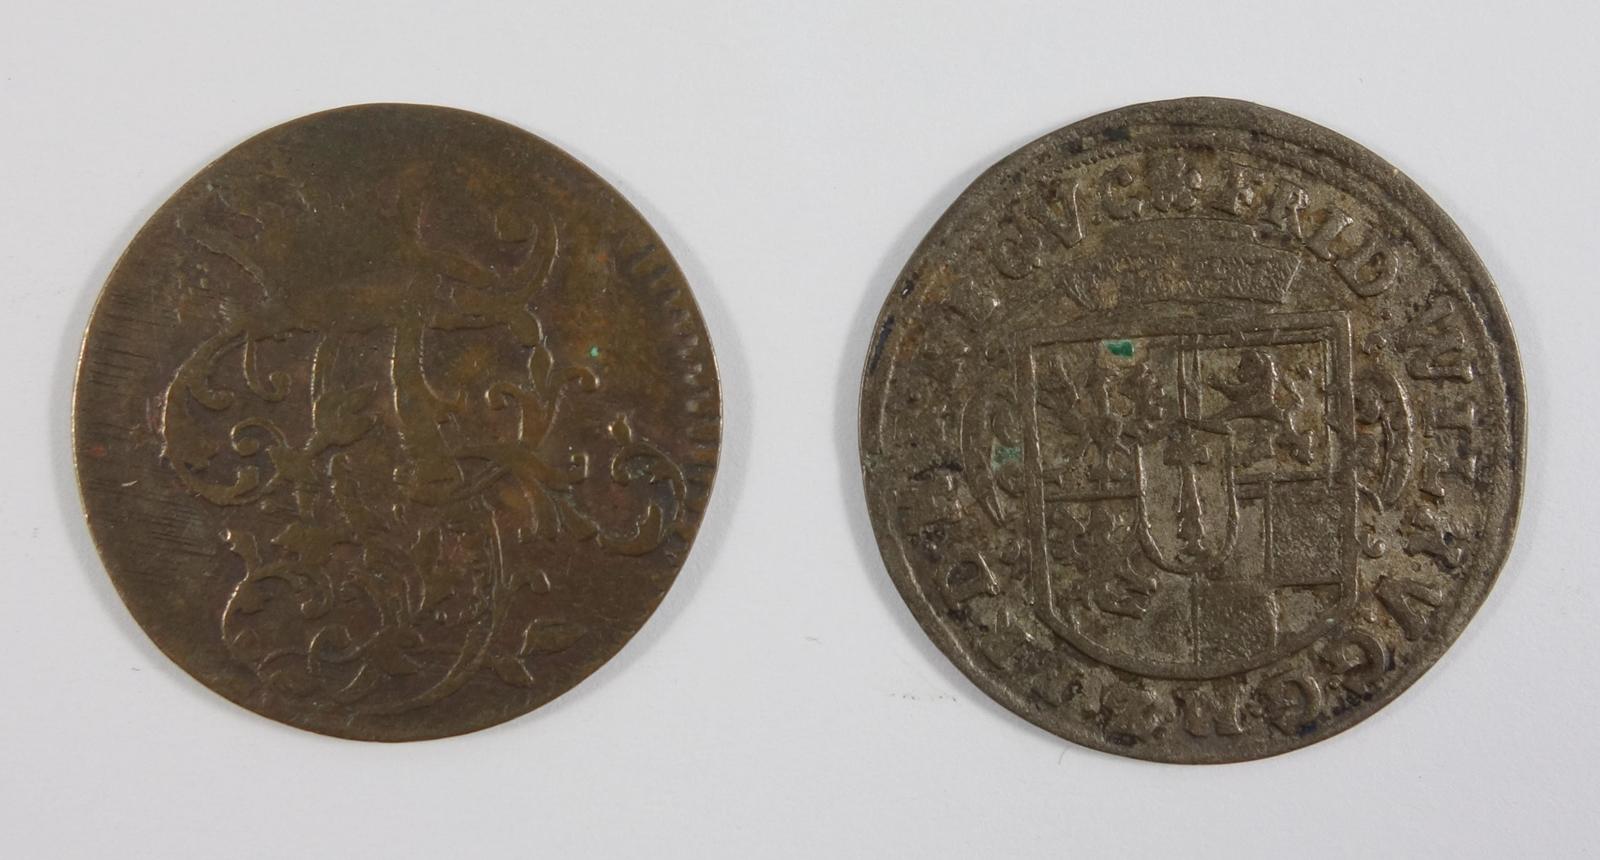 3 Pfennige 1763 und 2 Groschen 1653, König Friedrich, Brandenburg Preussen, s3 pfennig, 1763 and 2